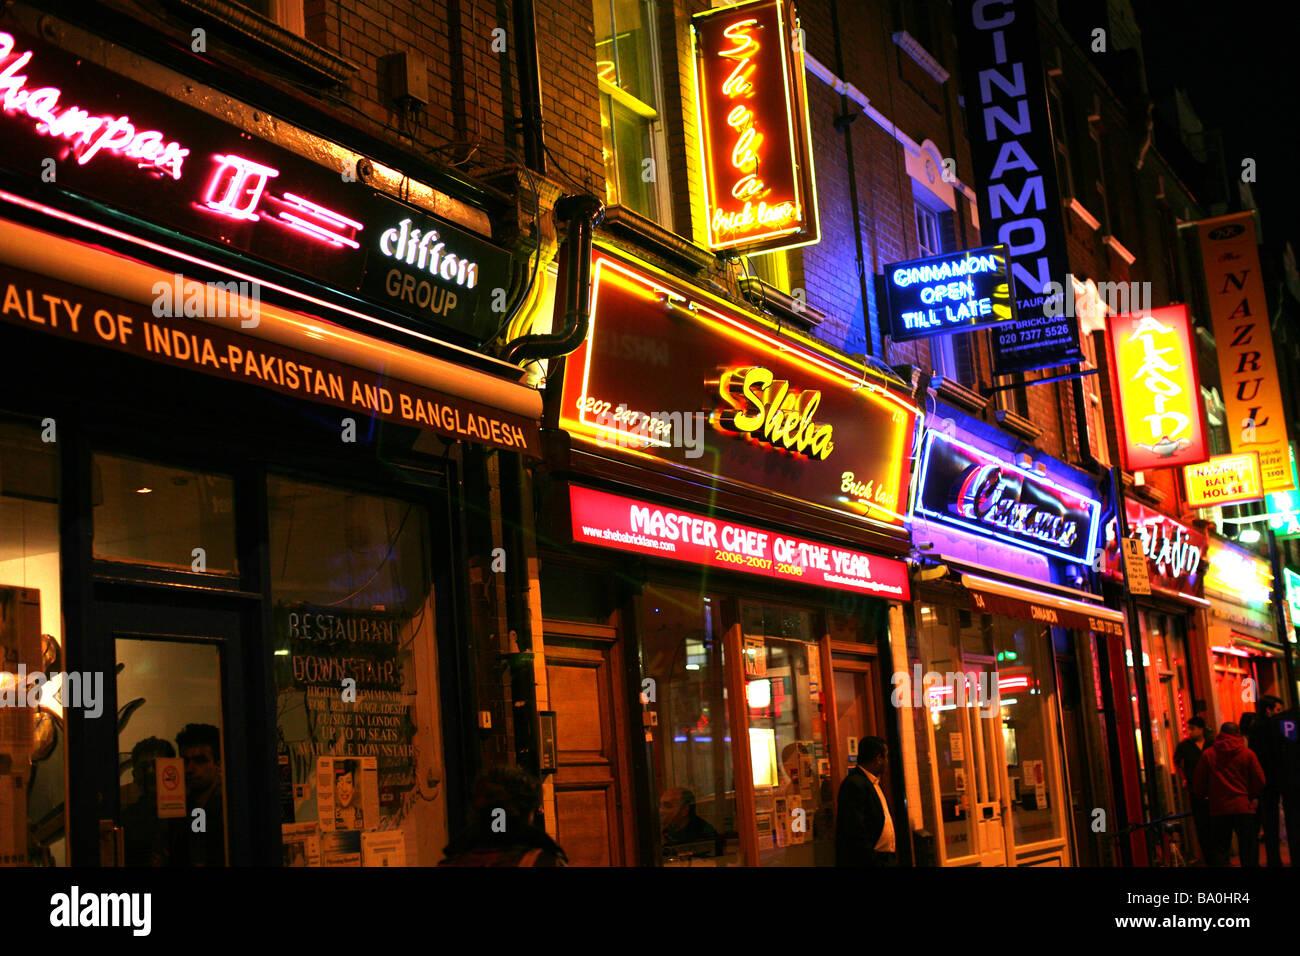 Brick Lane London Indian Food